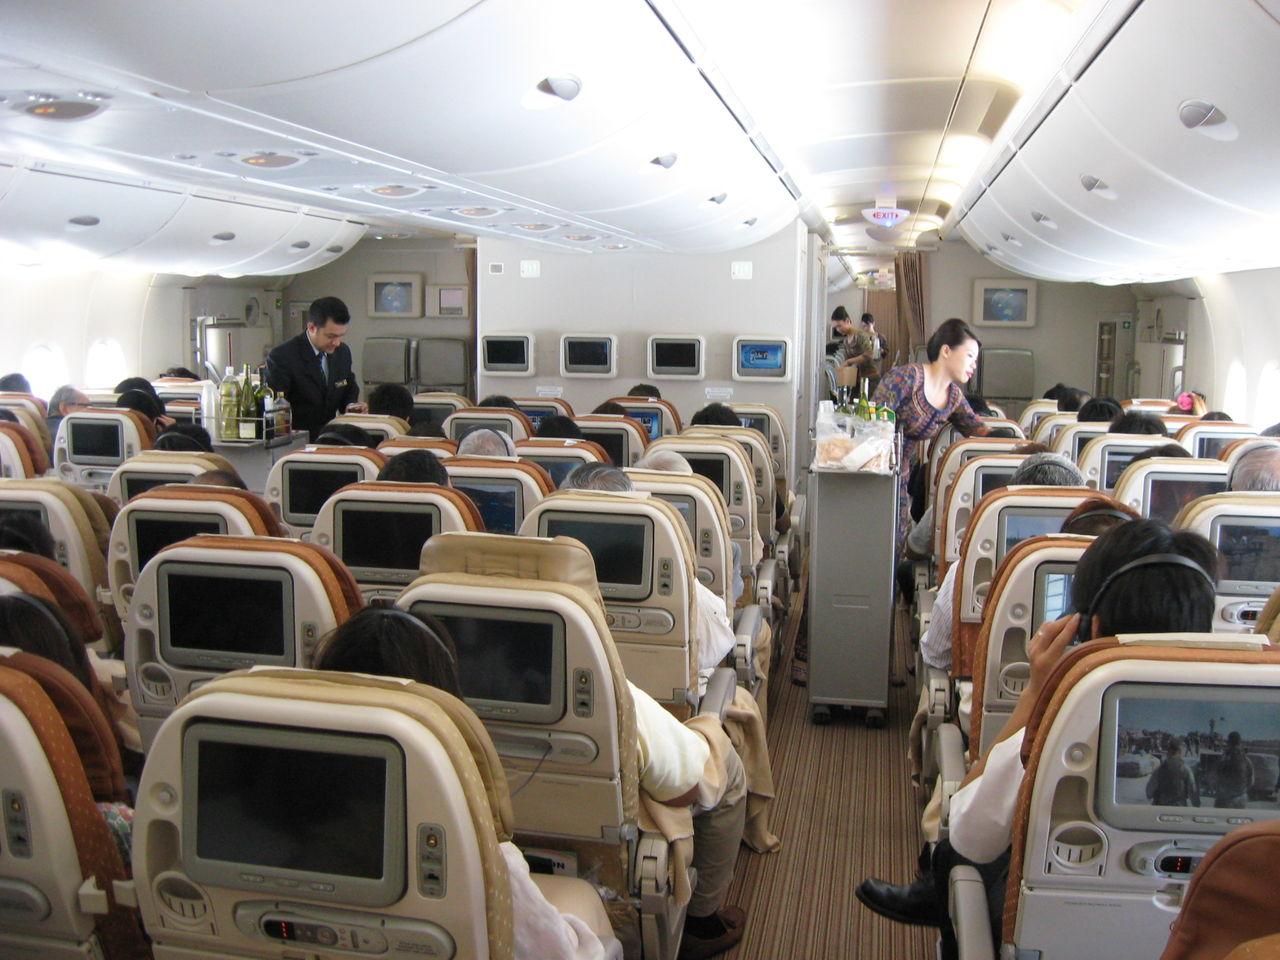 SKE48とエアバスA380超絶推し男のblog  【速報】シンガポール航空のエアバスA380、8月お盆期間に2日限定で中部国際空港に飛来コメントトラックバック                ske380_800